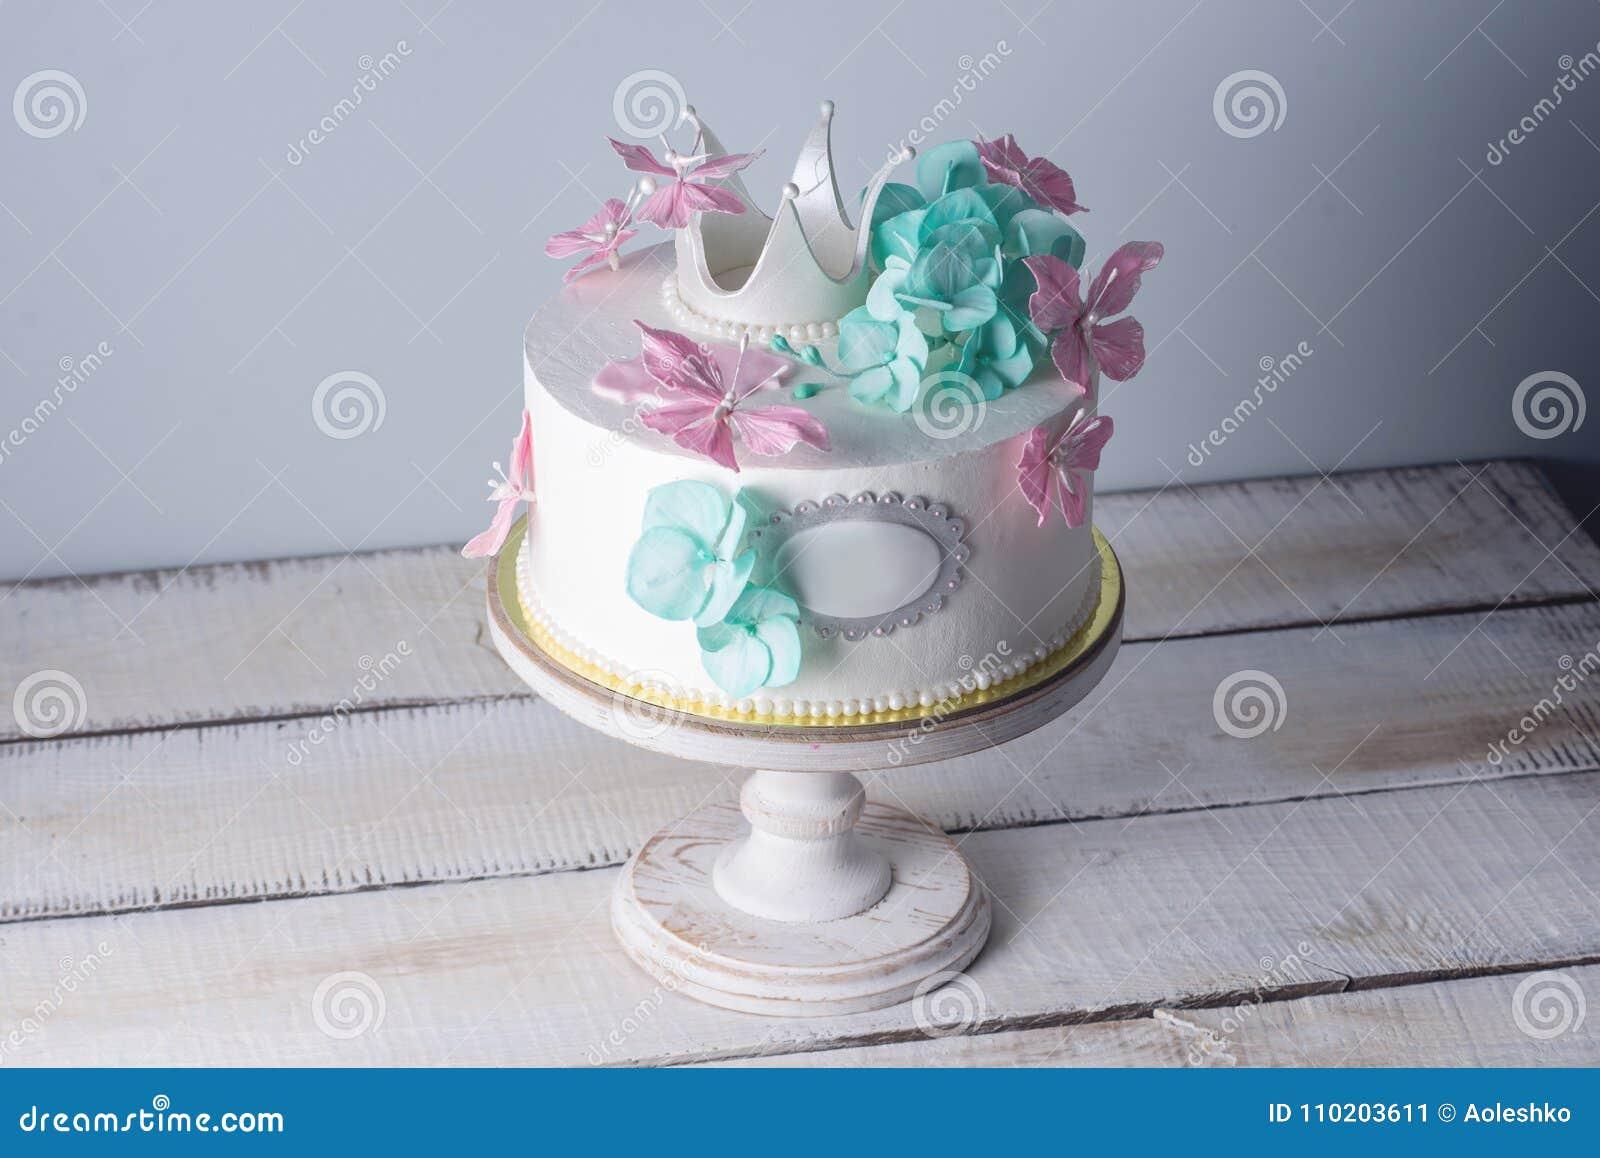 Le Beau Gateau Blanc Decore Du Rose Et Les Fleurs De Turquoise Et